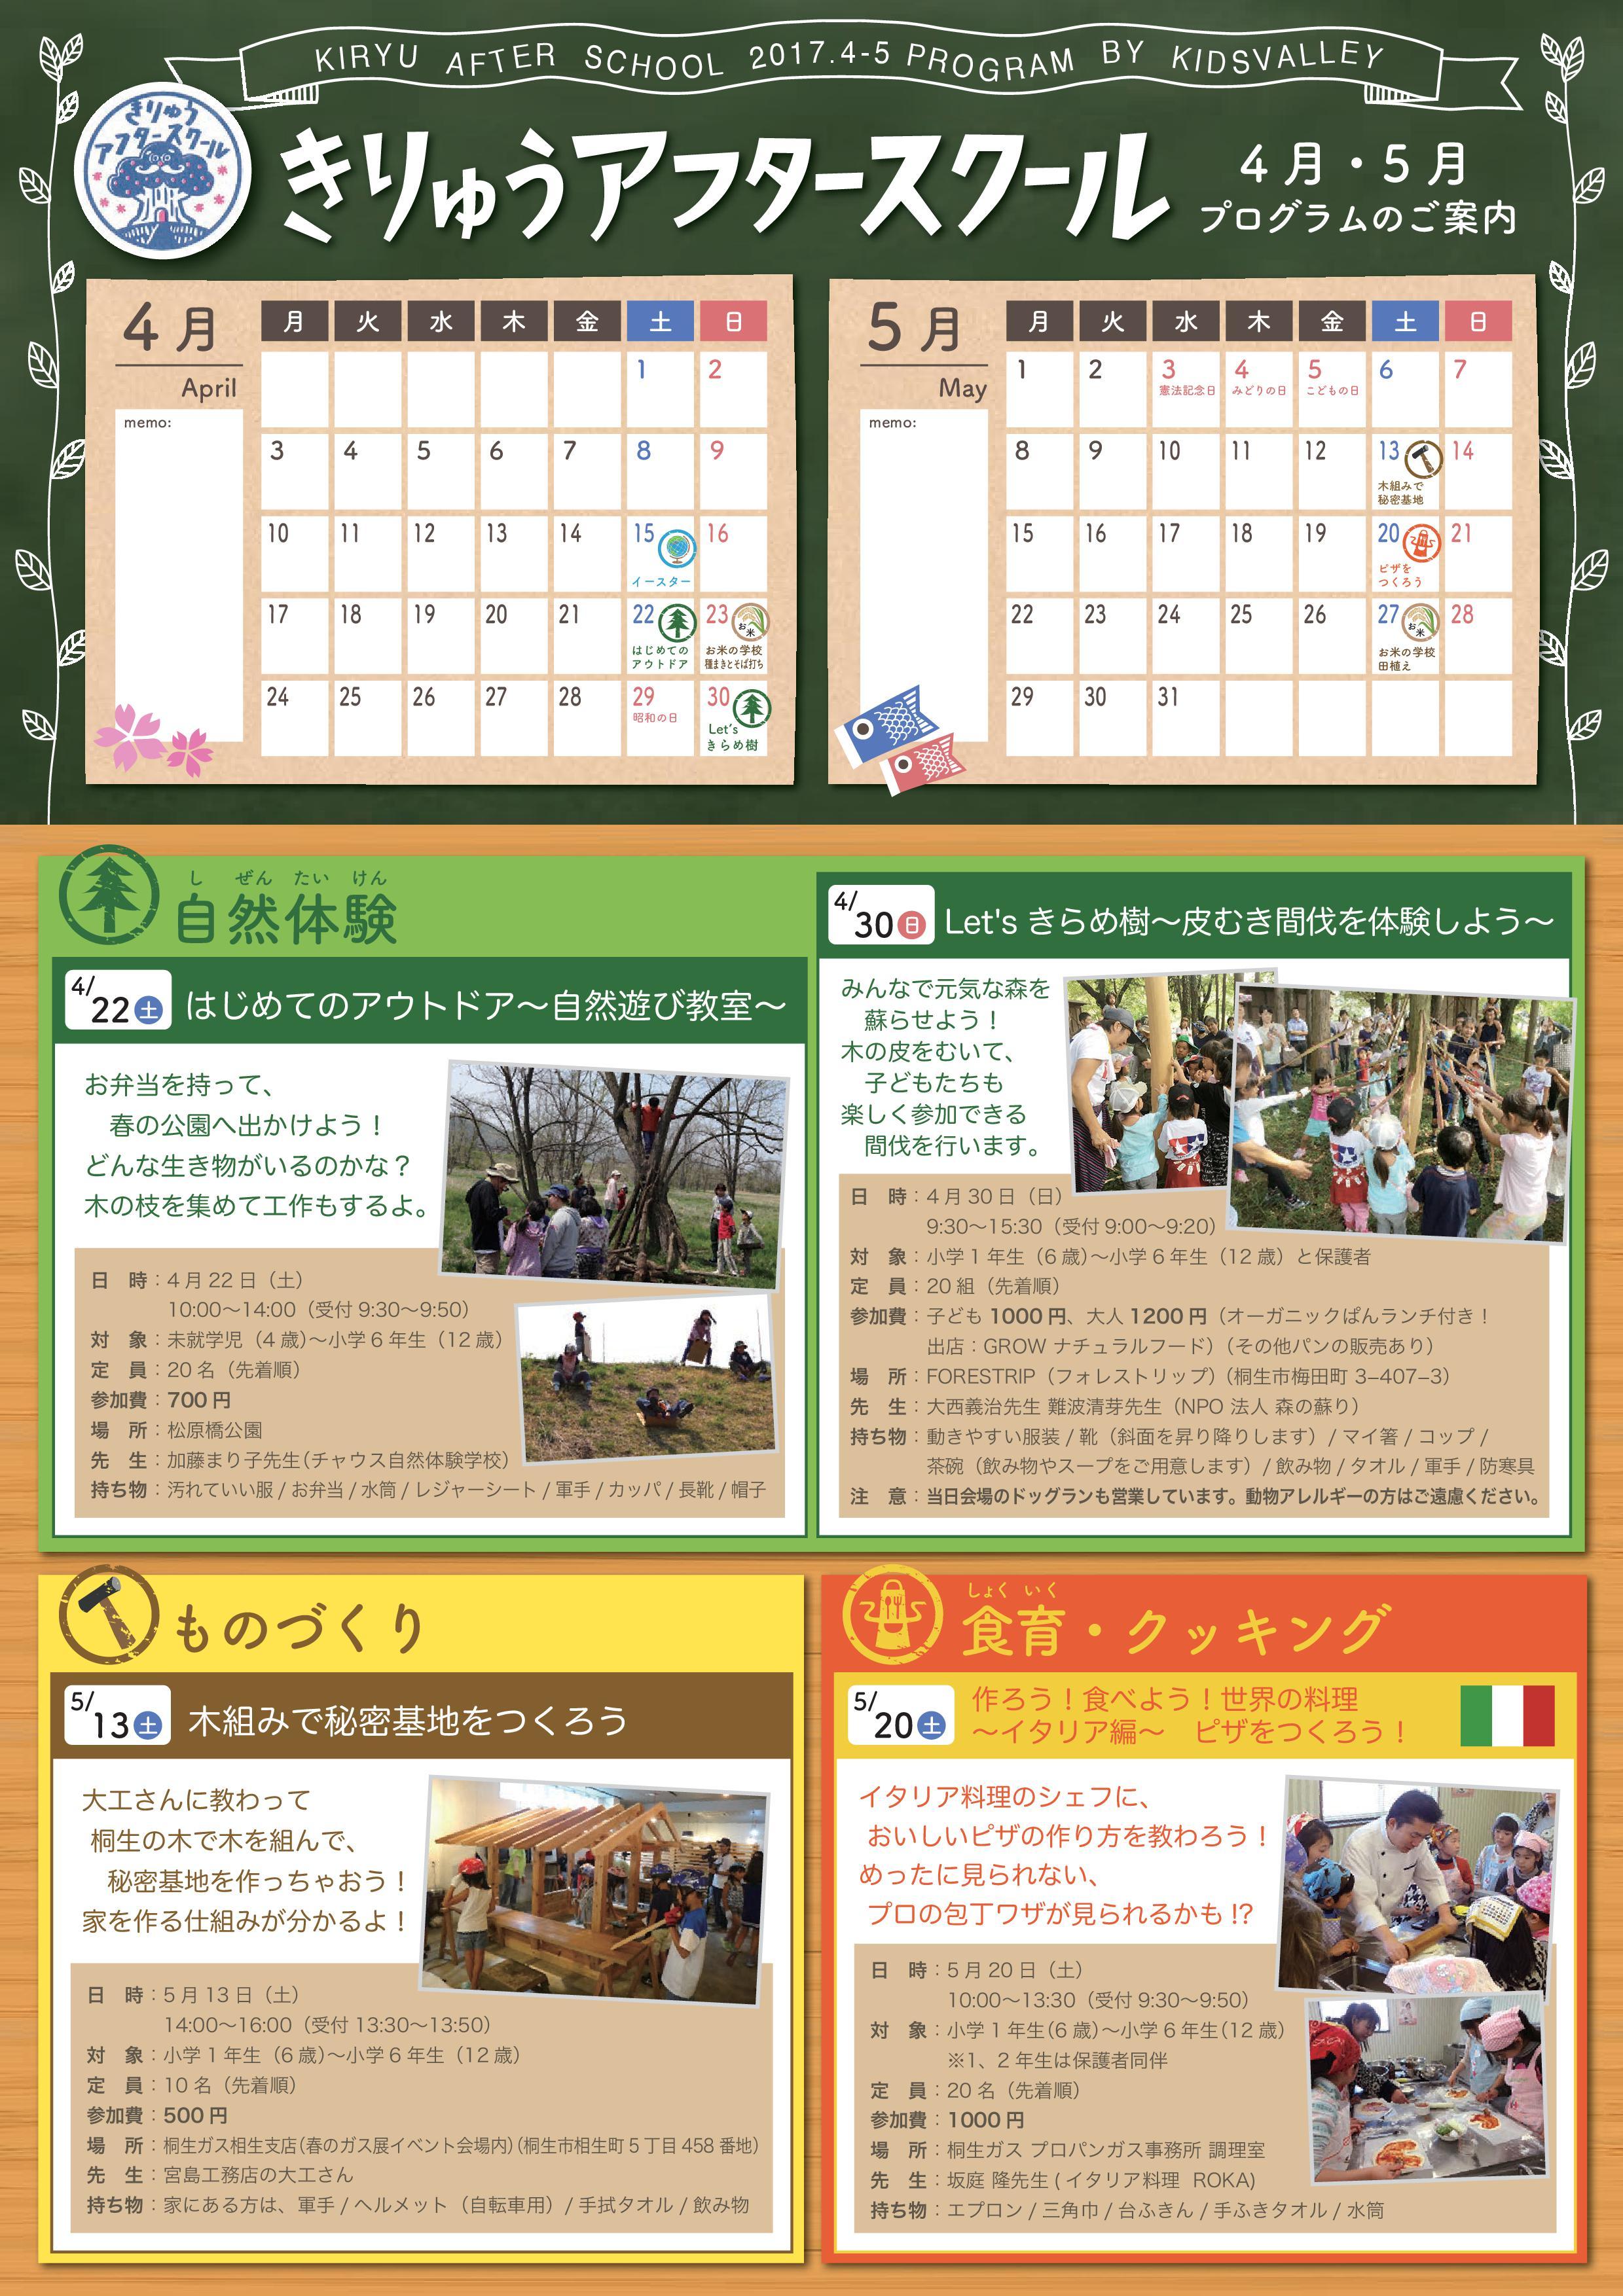 ★きりゅうアフタースクール<4月・5月>の予定-001